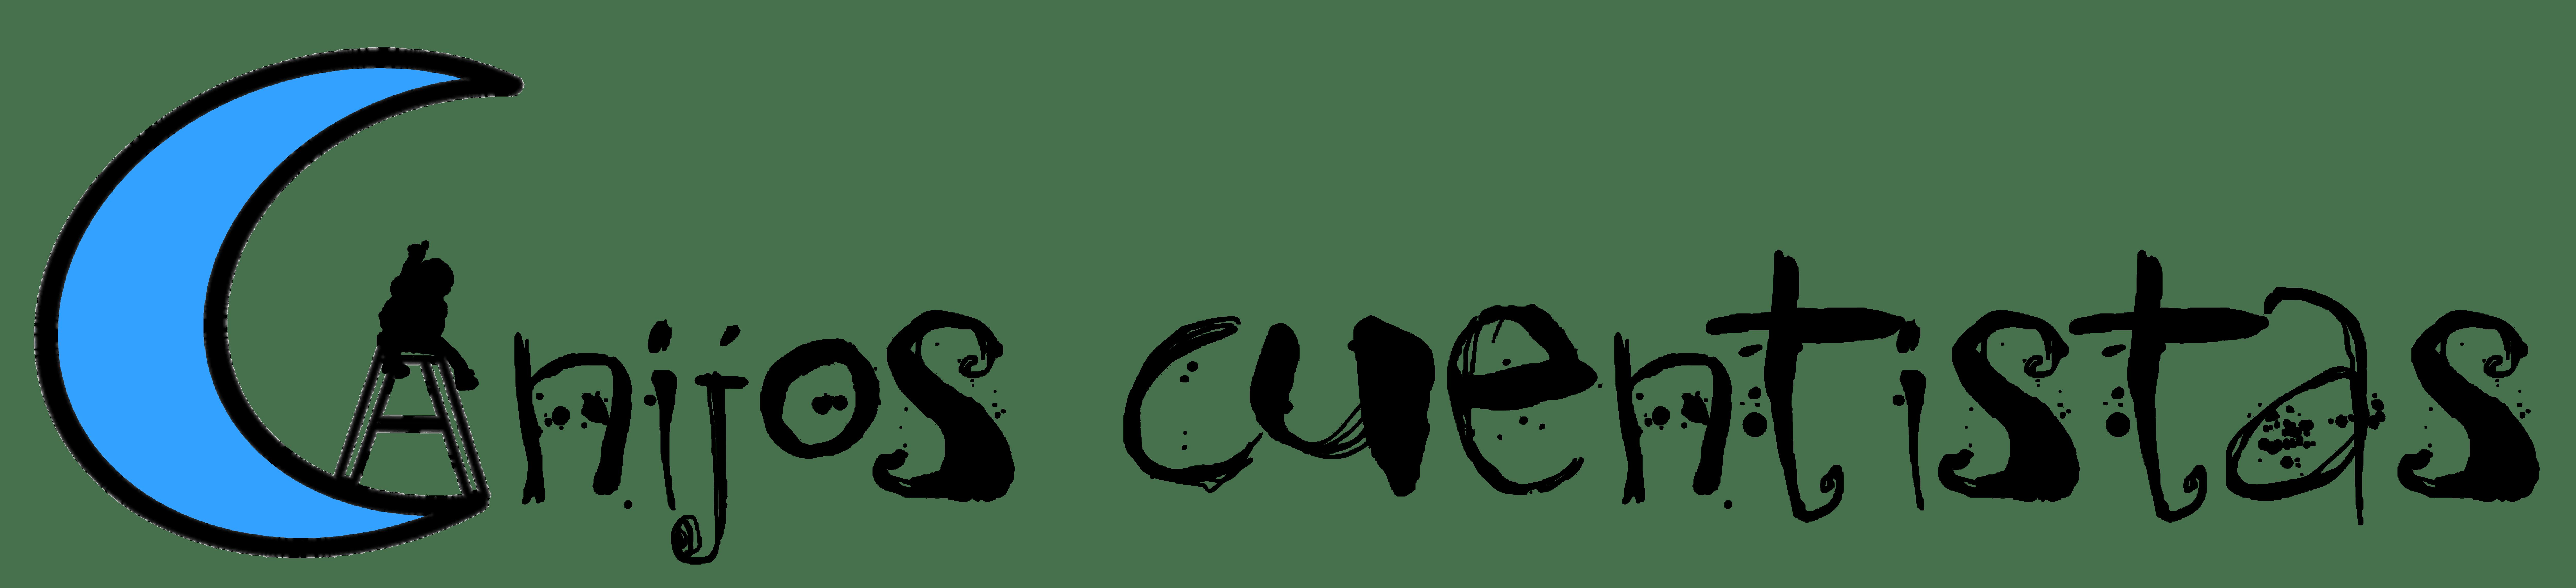 Canijos Cuentistas